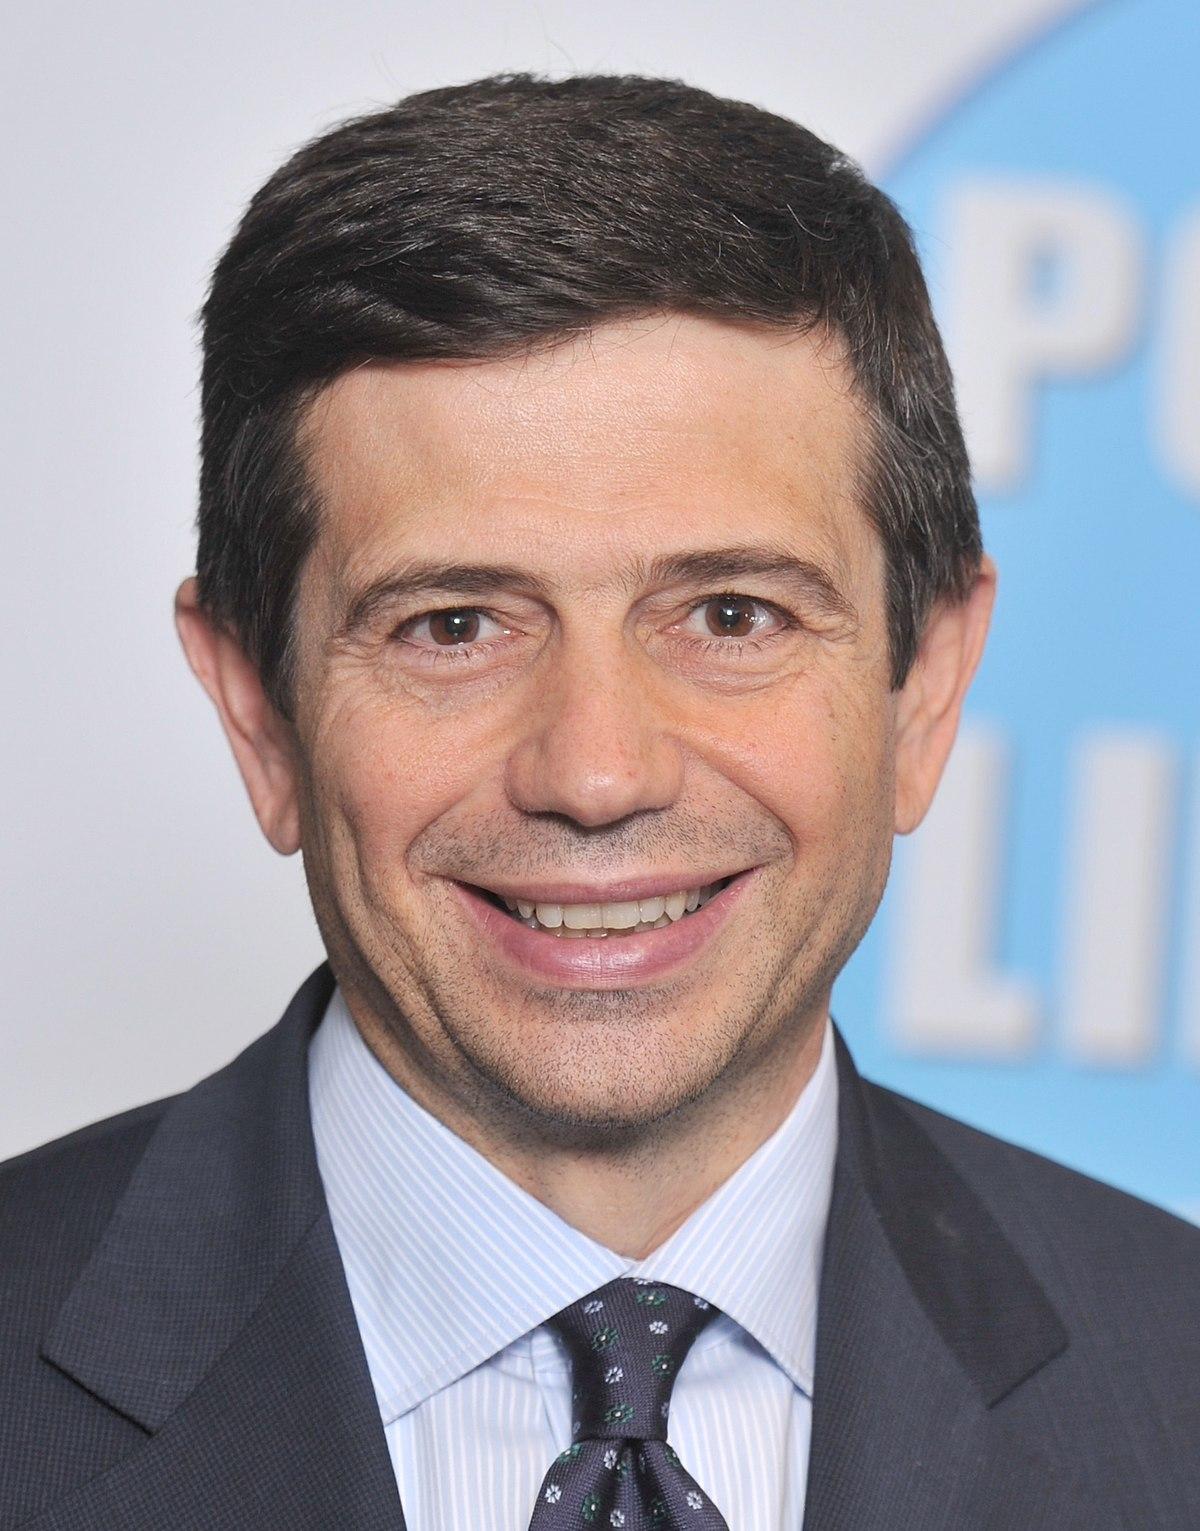 Maurizio lupi wikipedia for Sito della camera dei deputati